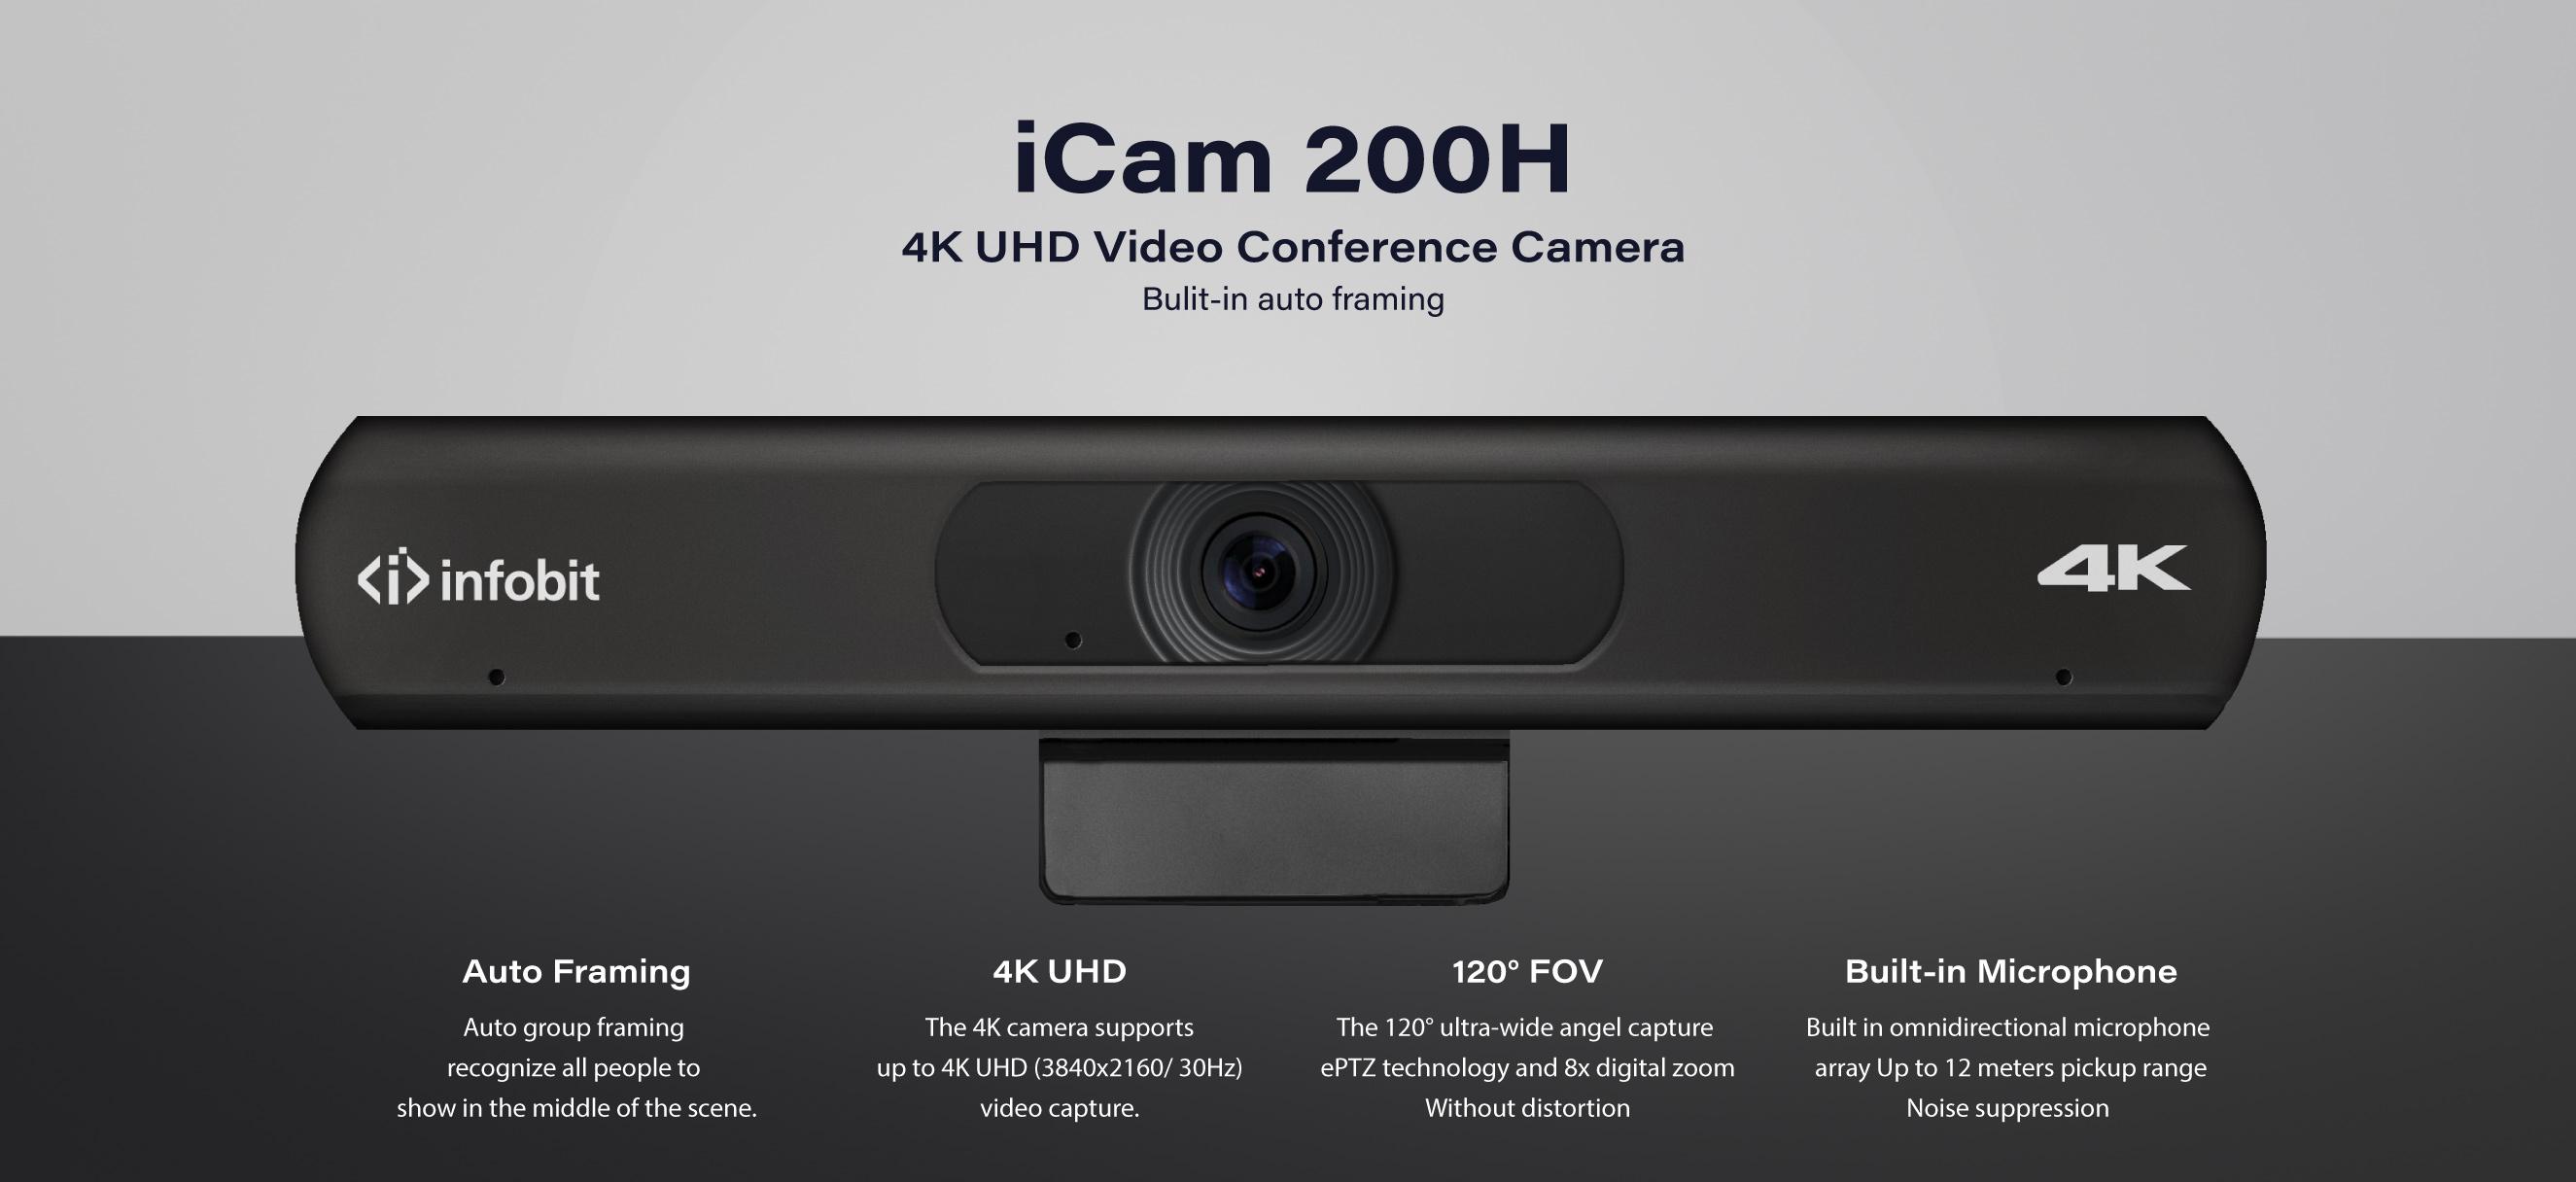 iCam 200H 4K USB Camera